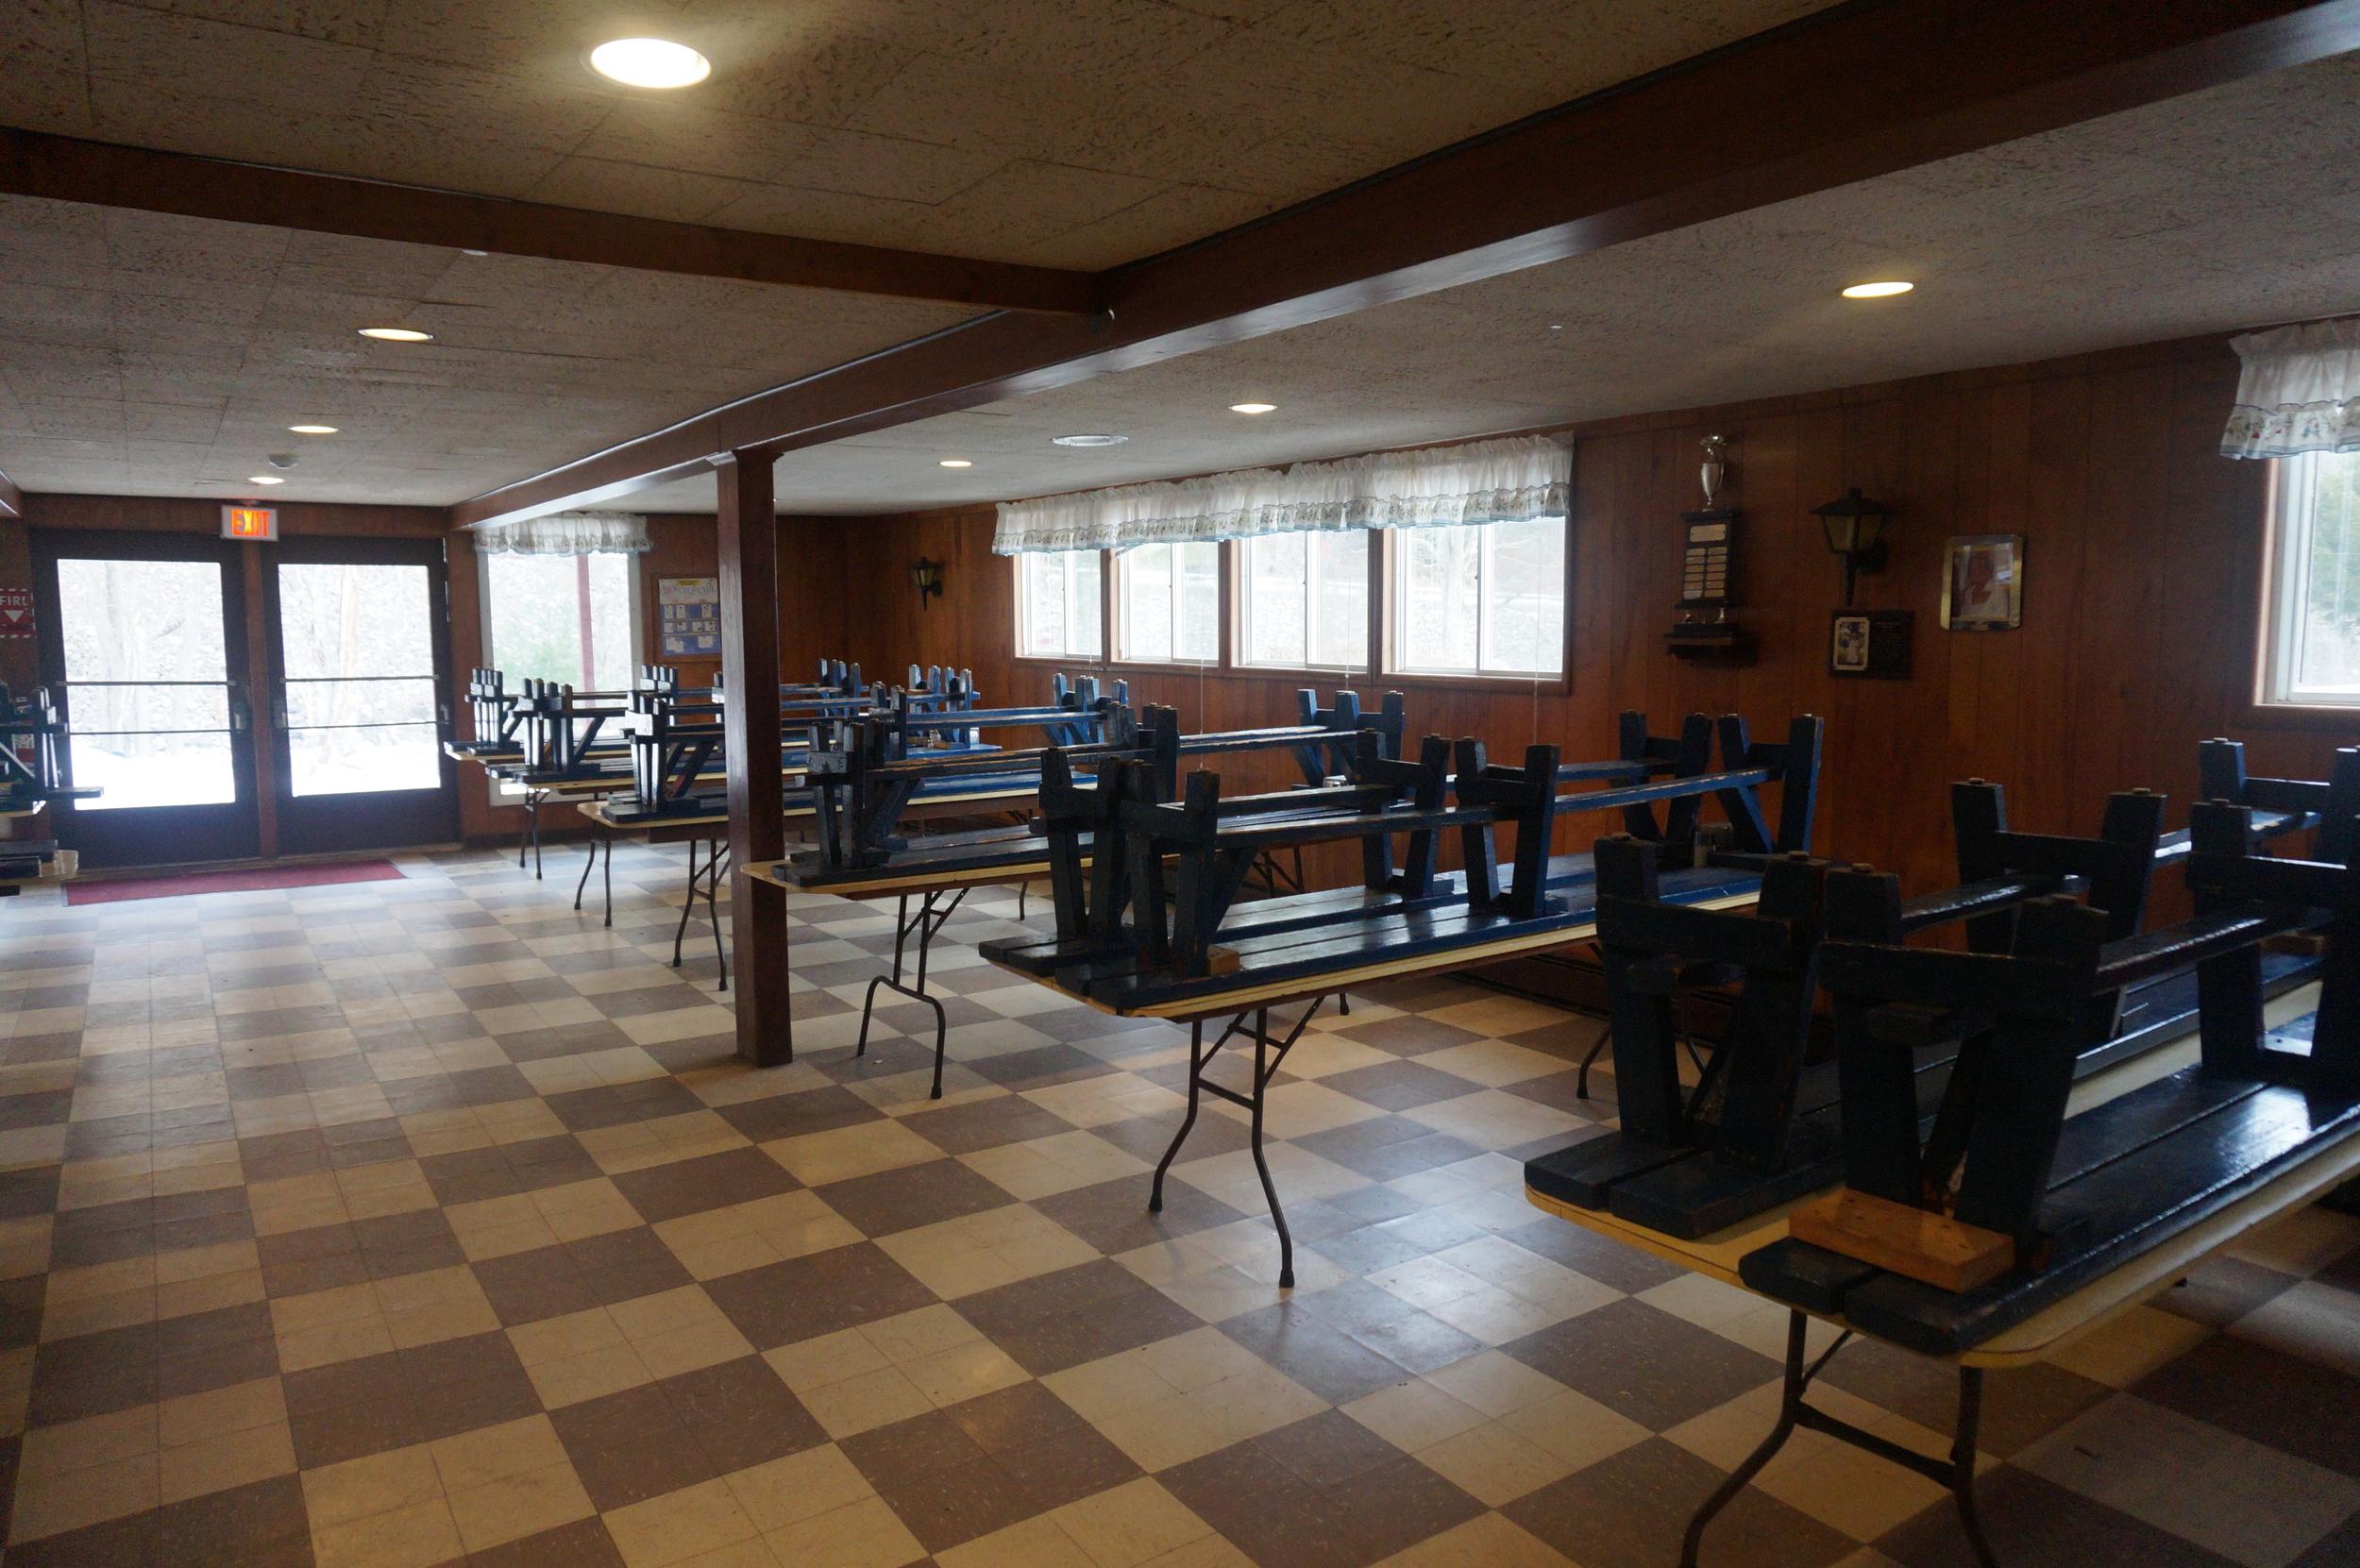 L Dining Room.jpg